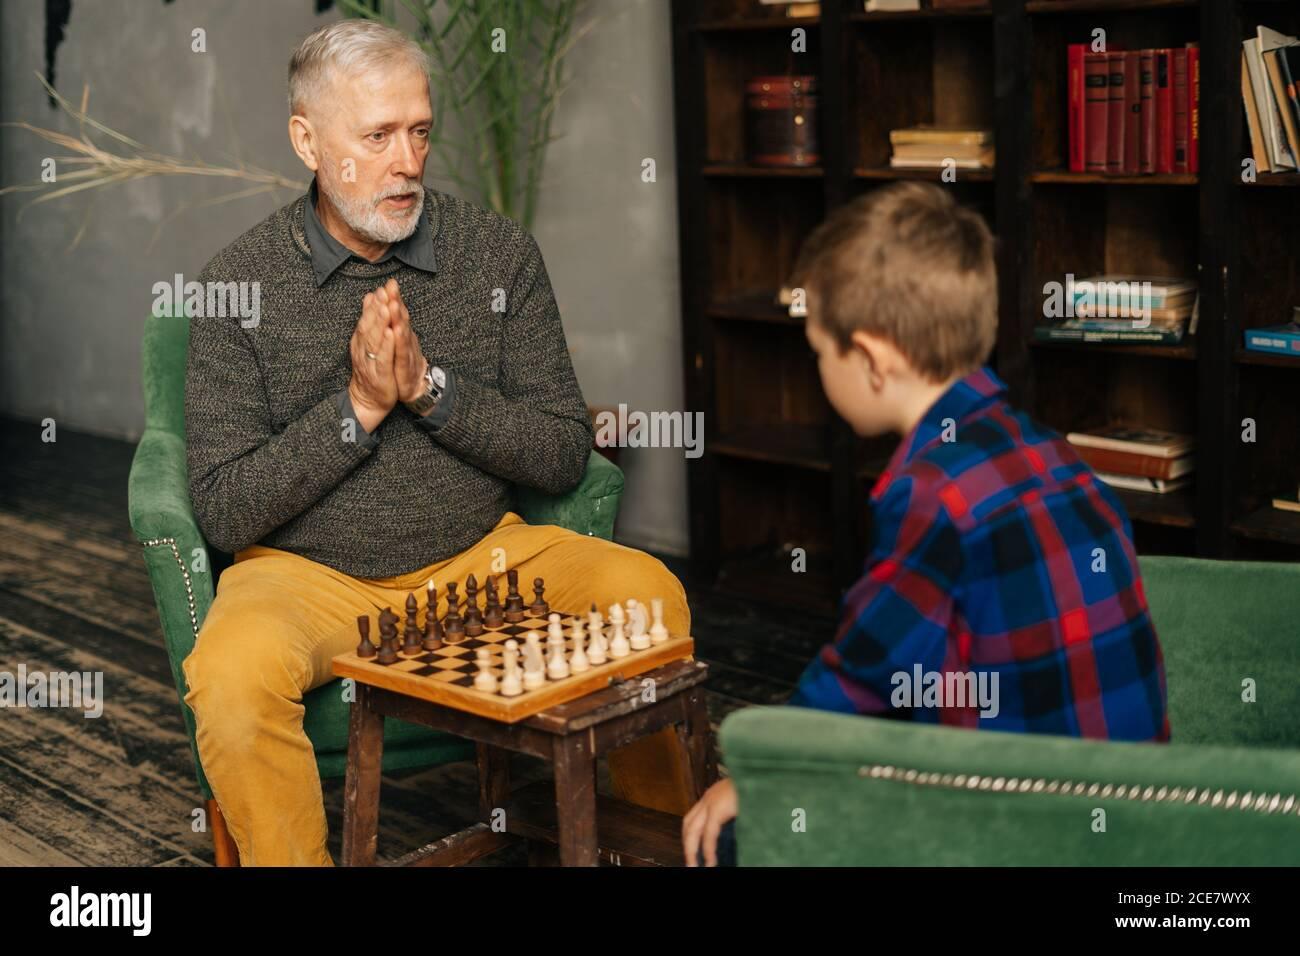 Grand-père adulte mature et ciblé expliquant les règles du jeu d'échecs au petit-enfant à la maison. Banque D'Images